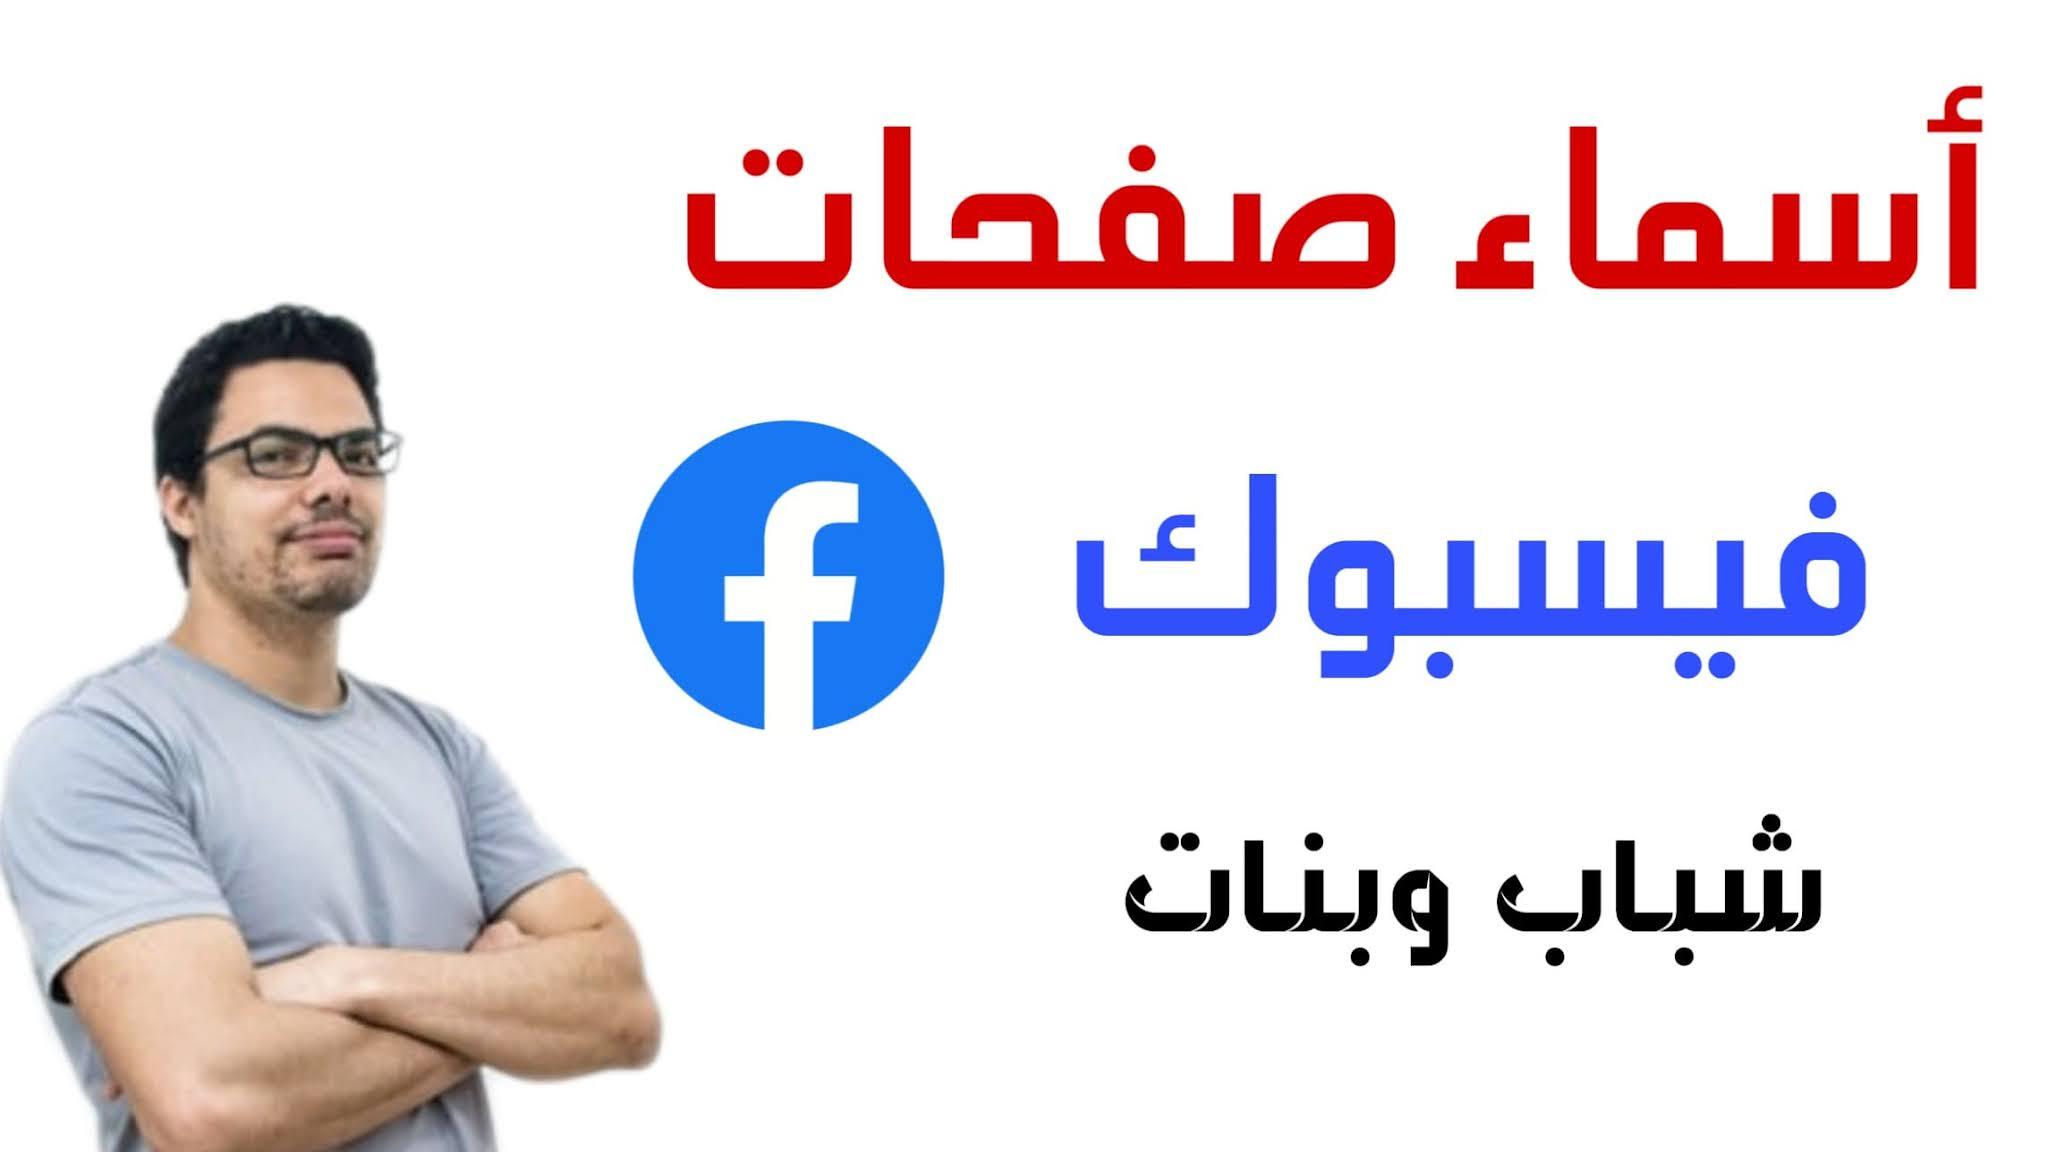 اسماء صفحات فيس بوك